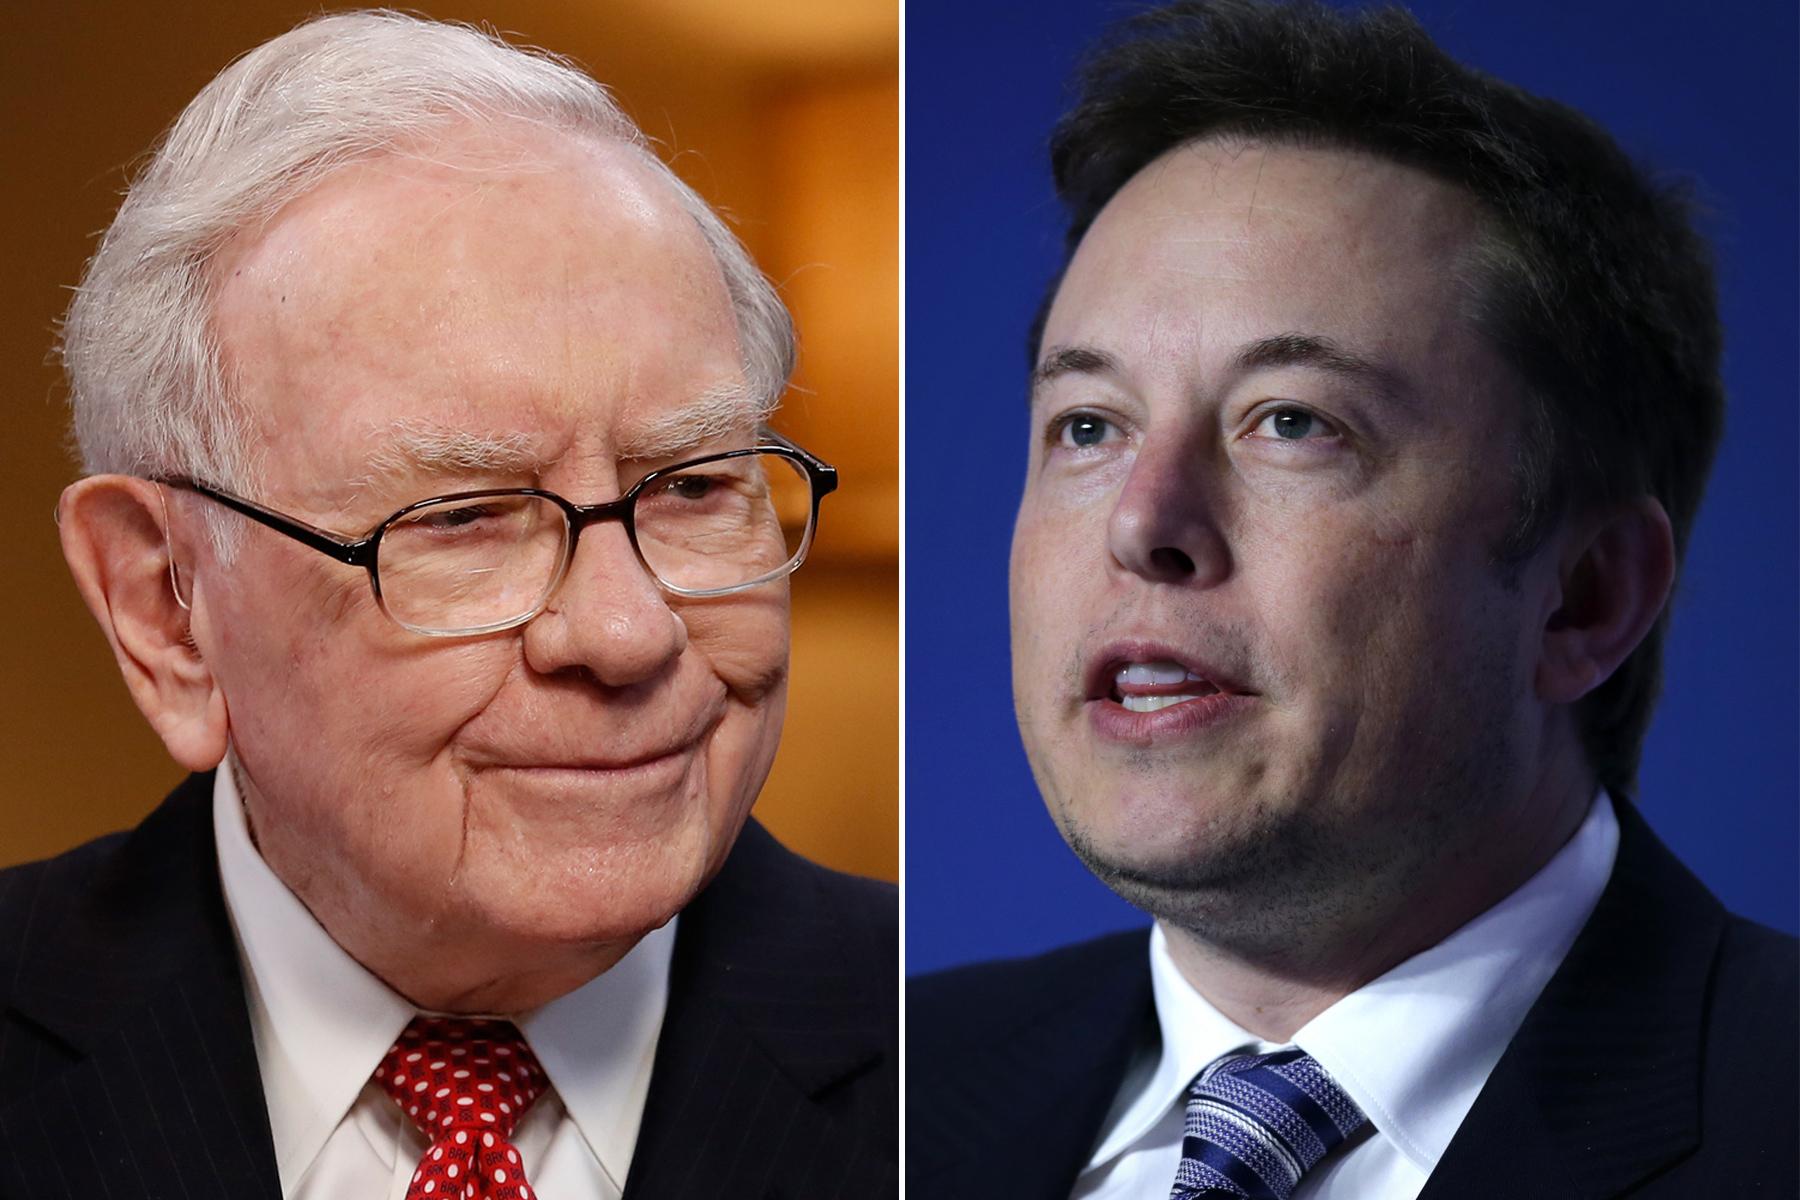 Warren Buffett/Elon Musk